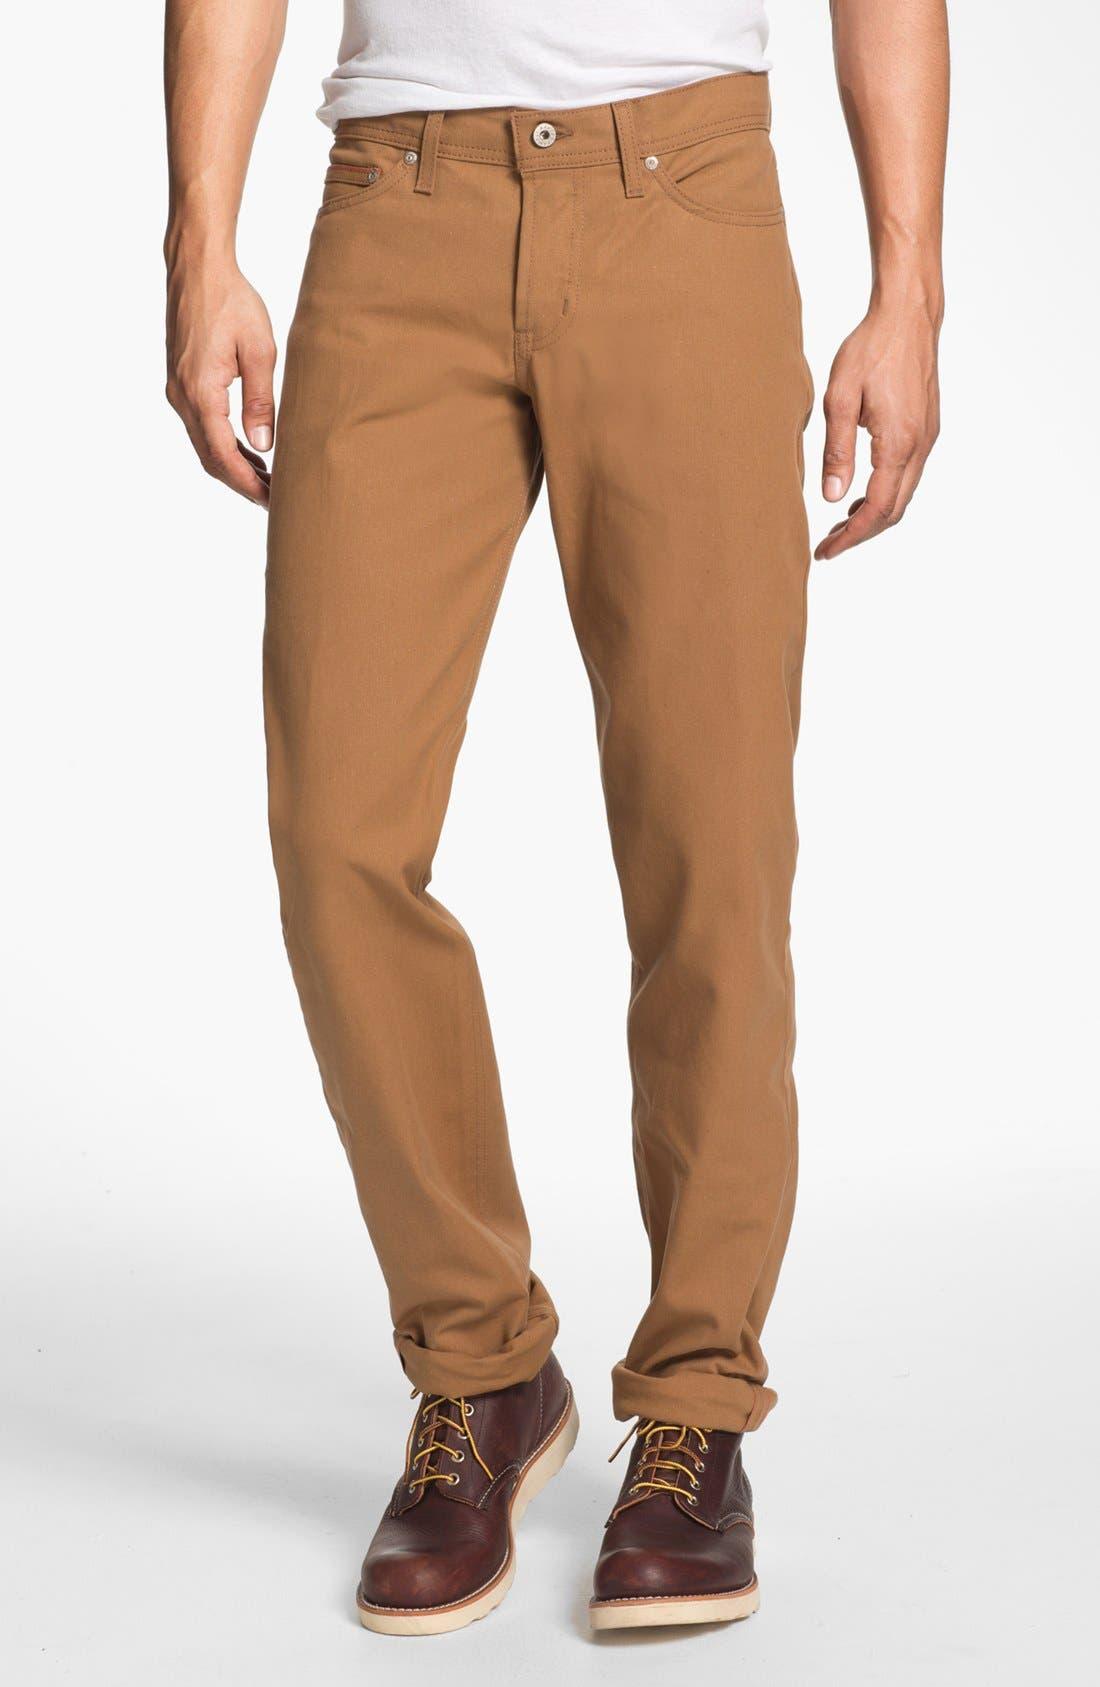 Alternate Image 1 Selected - Naked & Famous Denim Weird Guy Slim Tapered Leg Selvedge Jeans (Vintage Brown Khaki)